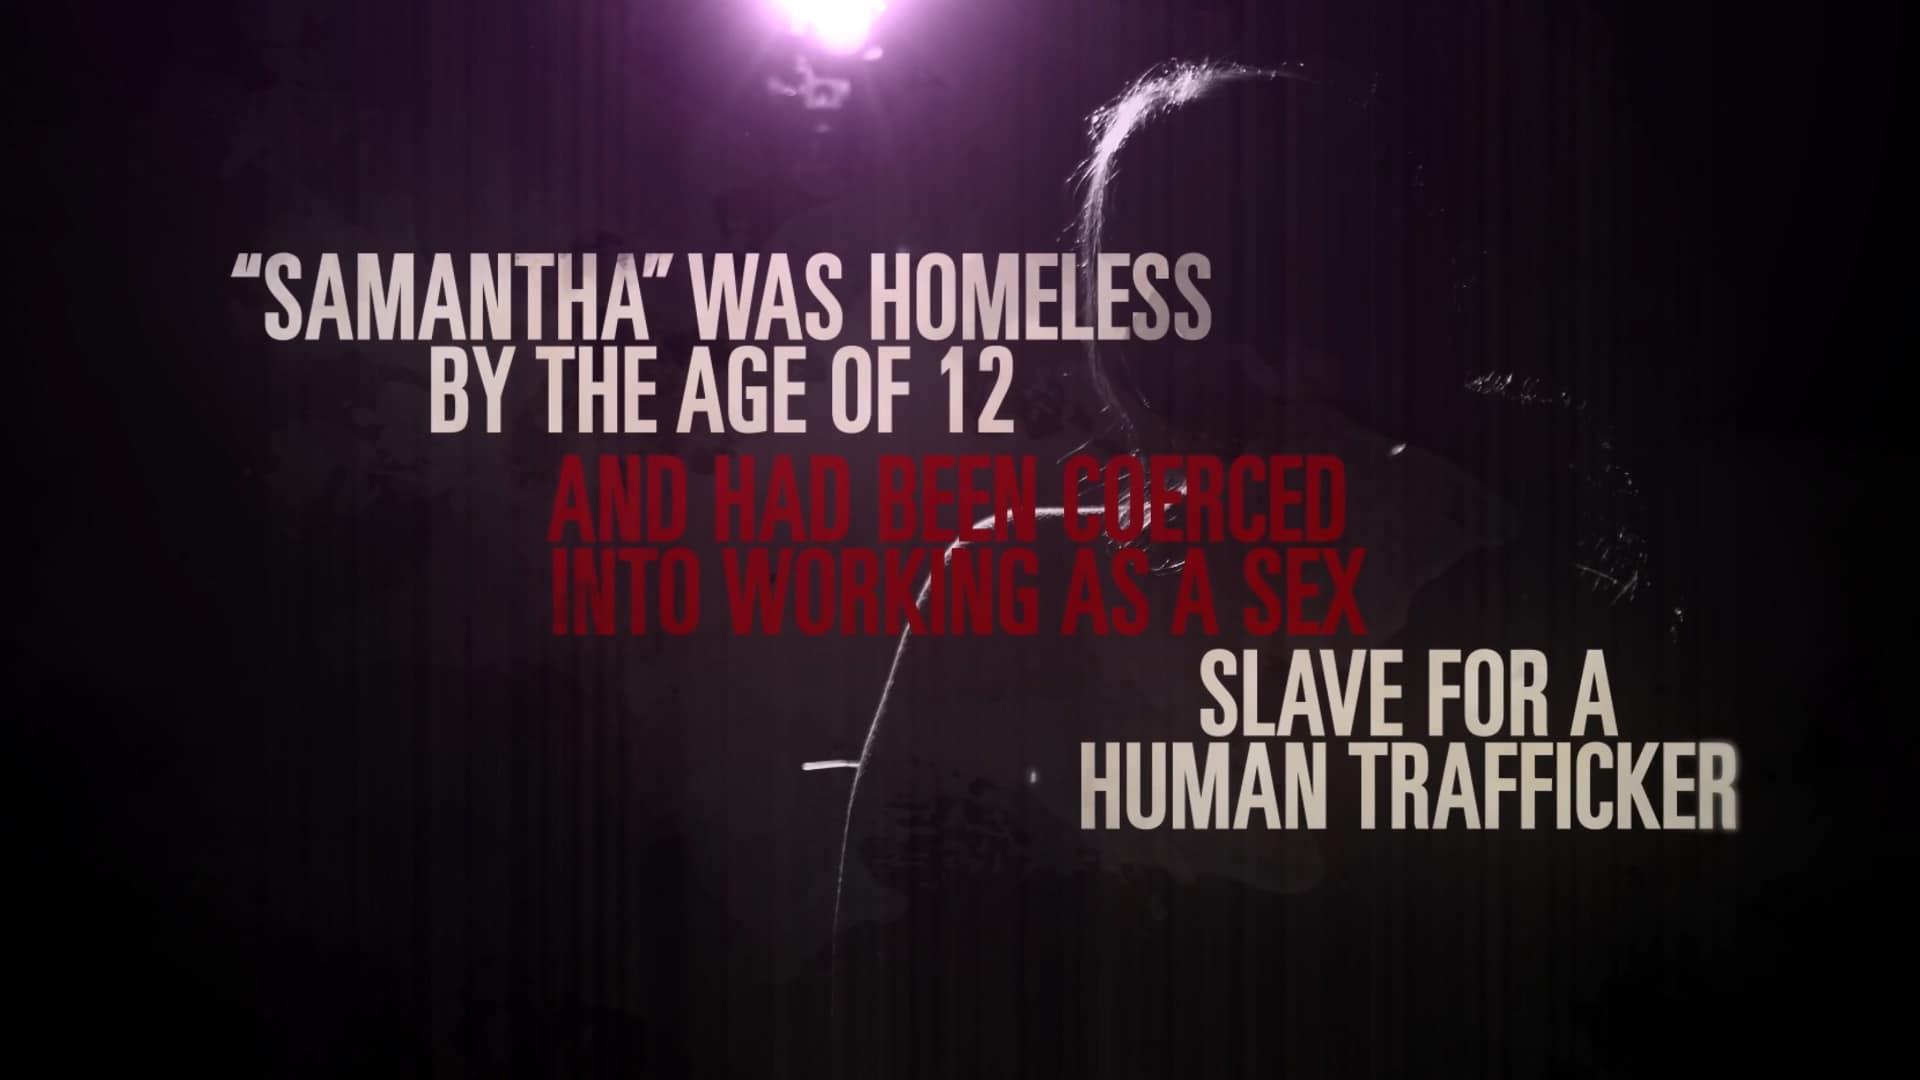 videos - samantha